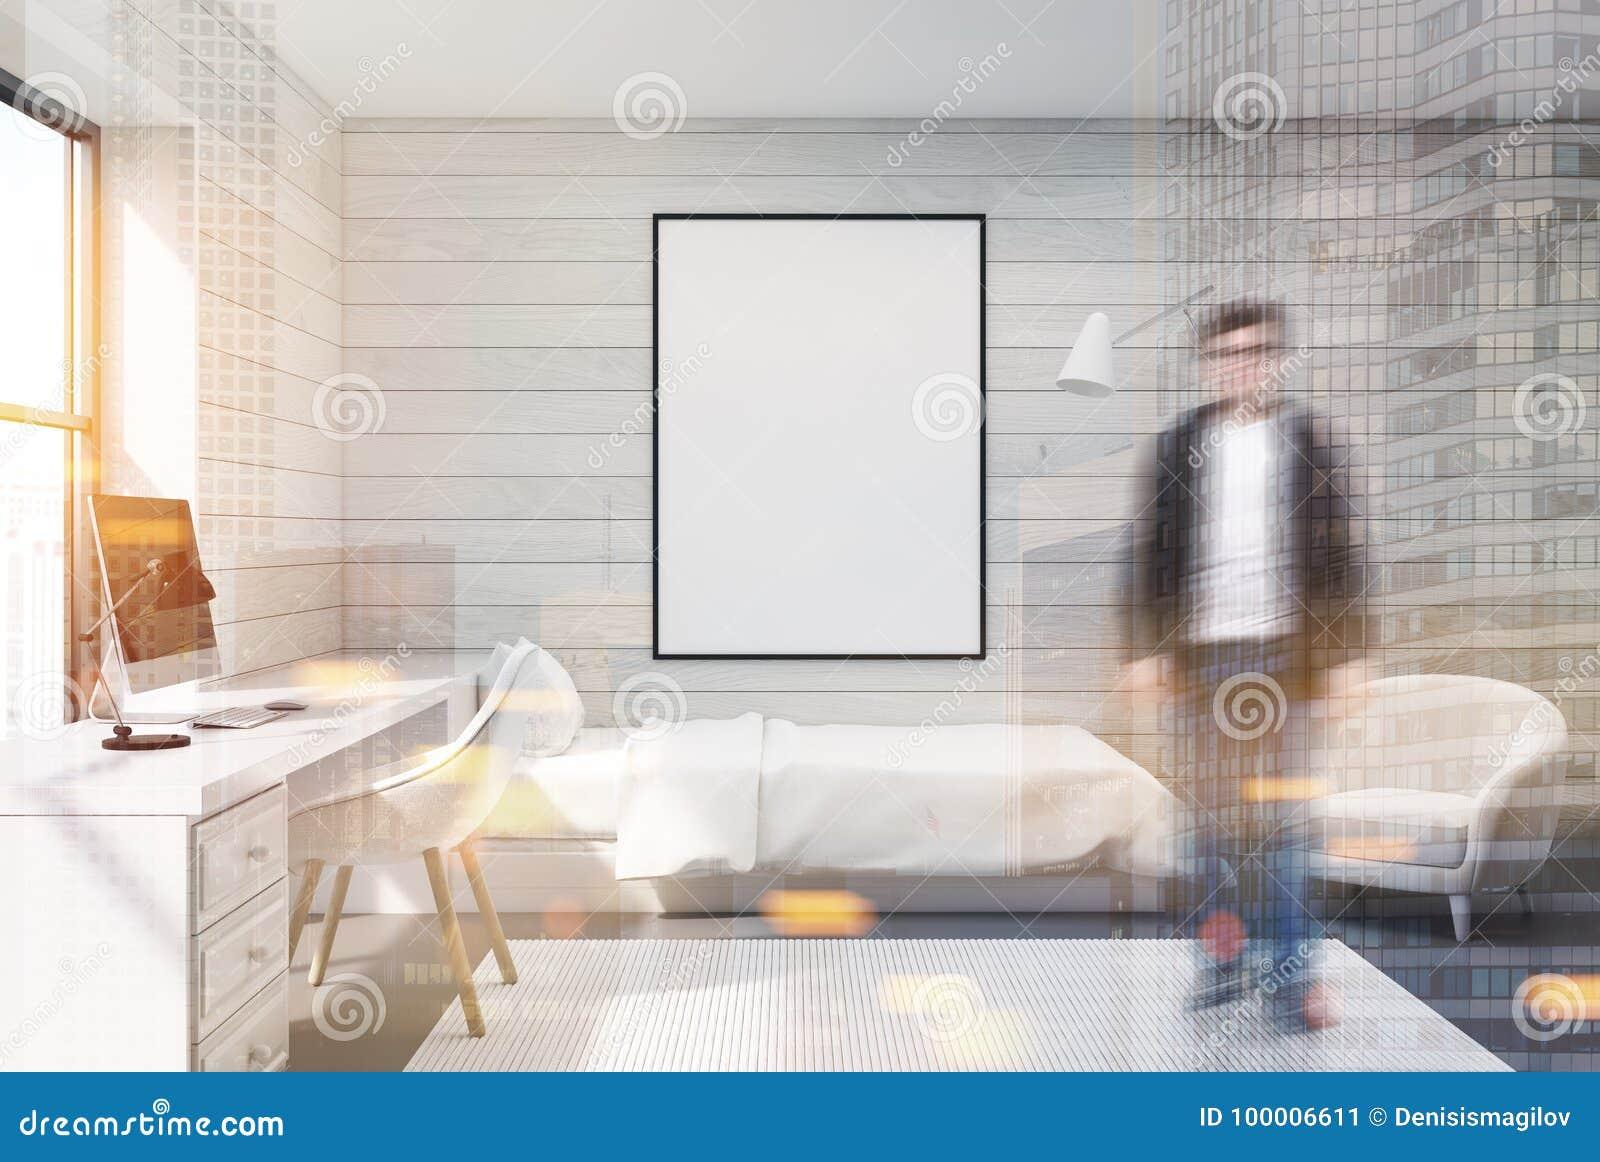 Camera Da Letto Legno Bianco : Camera da letto computer e manifesto di legno bianchi uomo